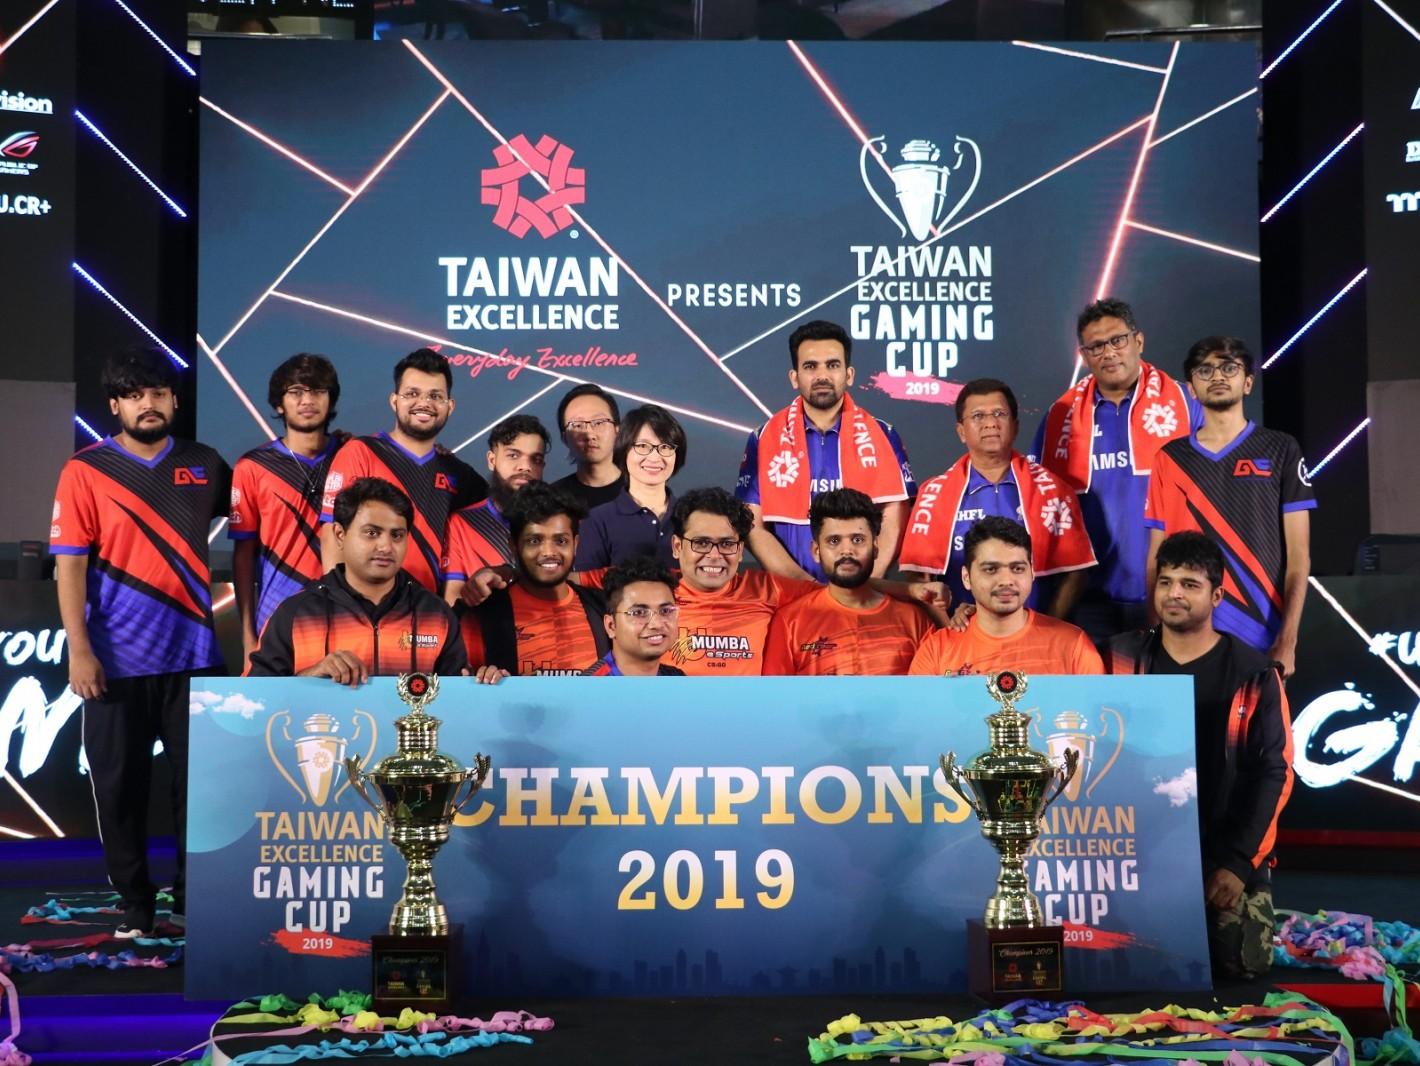 印度台灣精品盃電競賽決賽冠軍隊伍出爐,分別由U Mumba eSports及Global Esports抱回CSGO及DOTA2獎座。